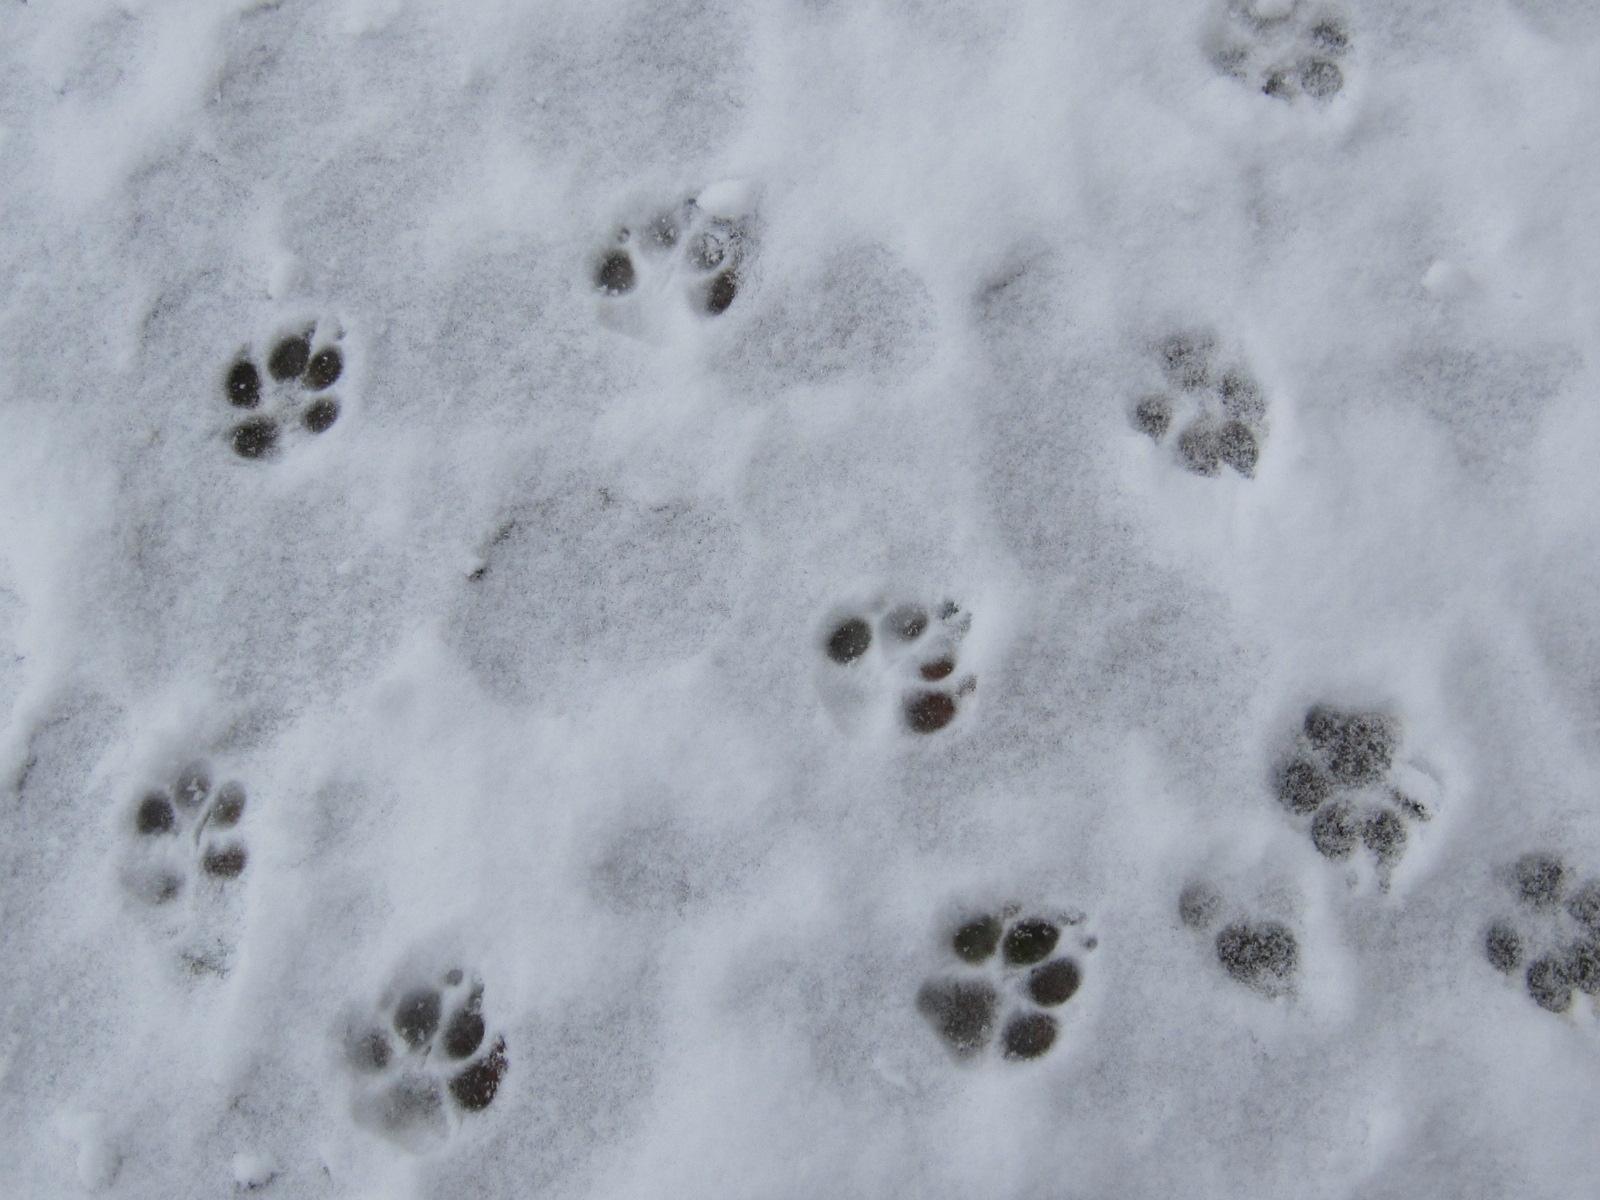 走雪中的脚印儿呀?